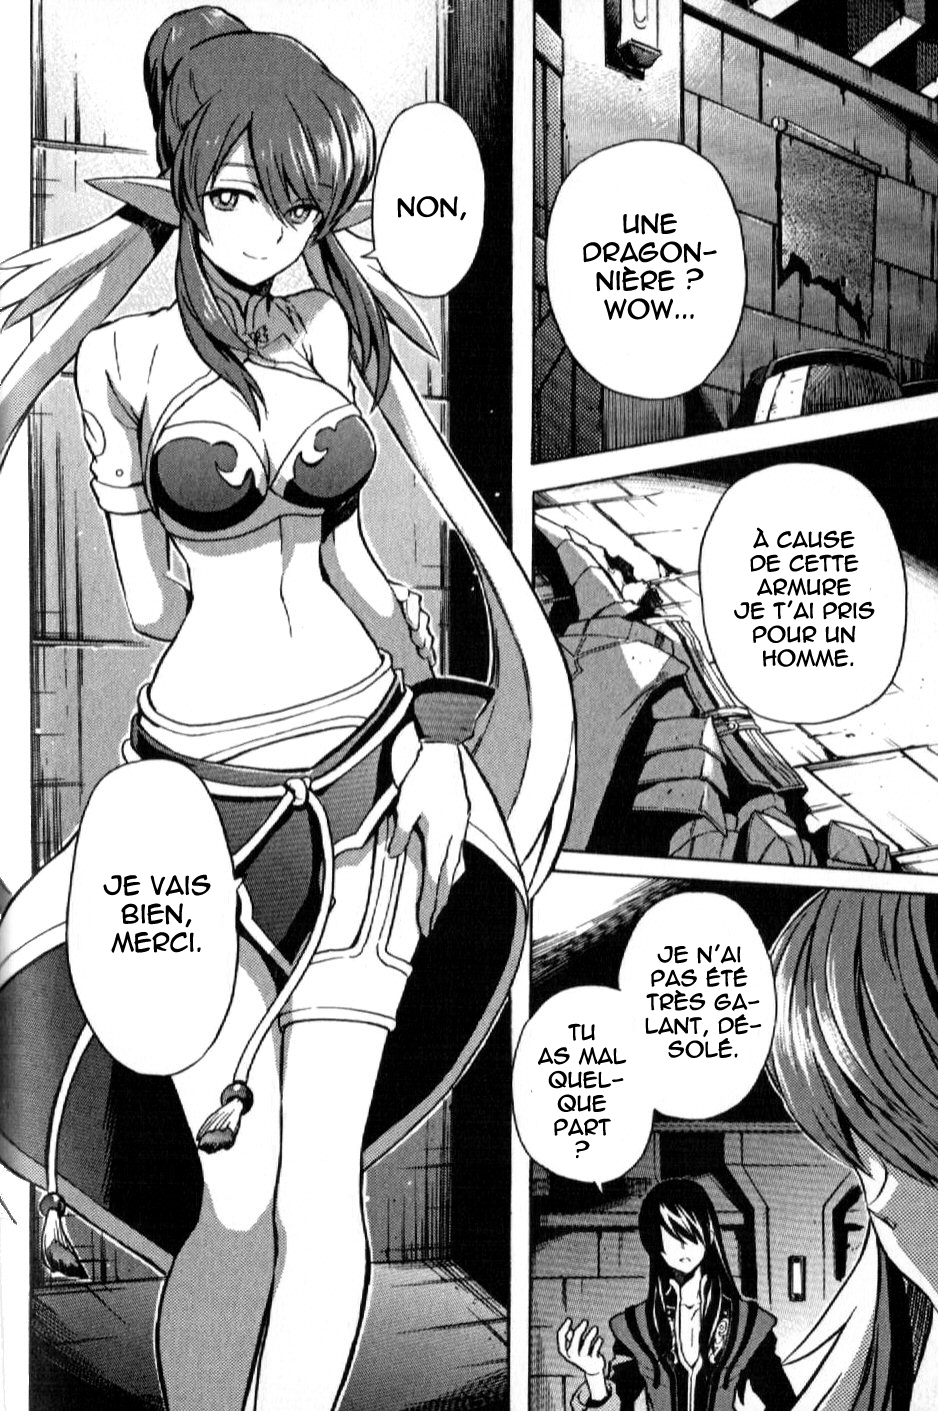 https://nine.mangadogs.com/fr_manga/pic1/6/2054/74681/TalesofVesperia20VF_1_563.jpg Page 2